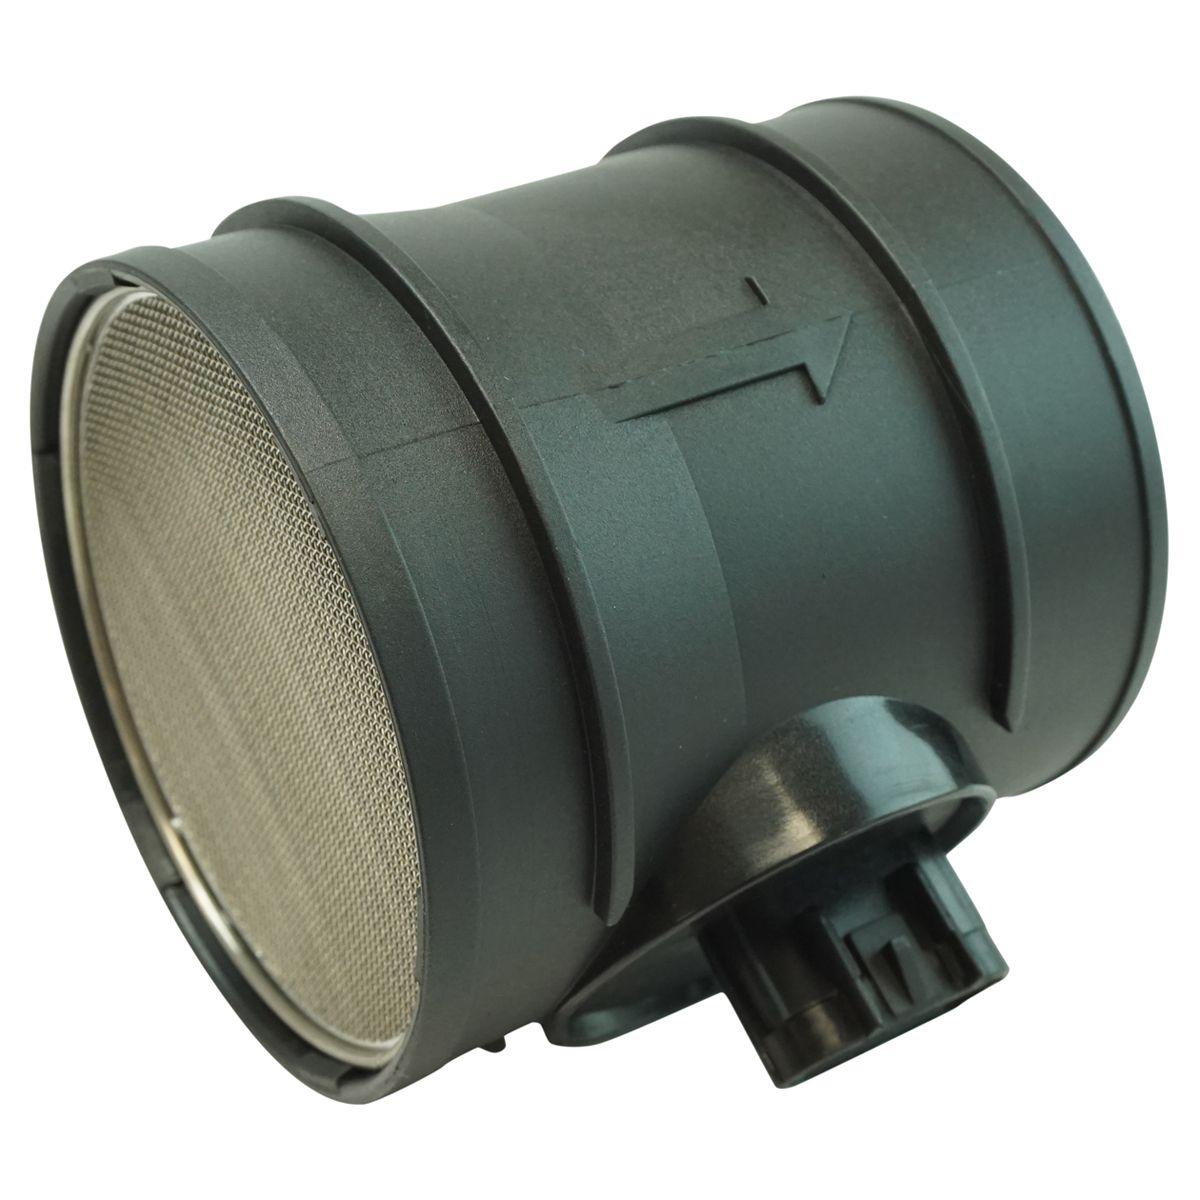 hight resolution of mass air flow meter sensor w housing for chevy gmc cadillac pontiac v8